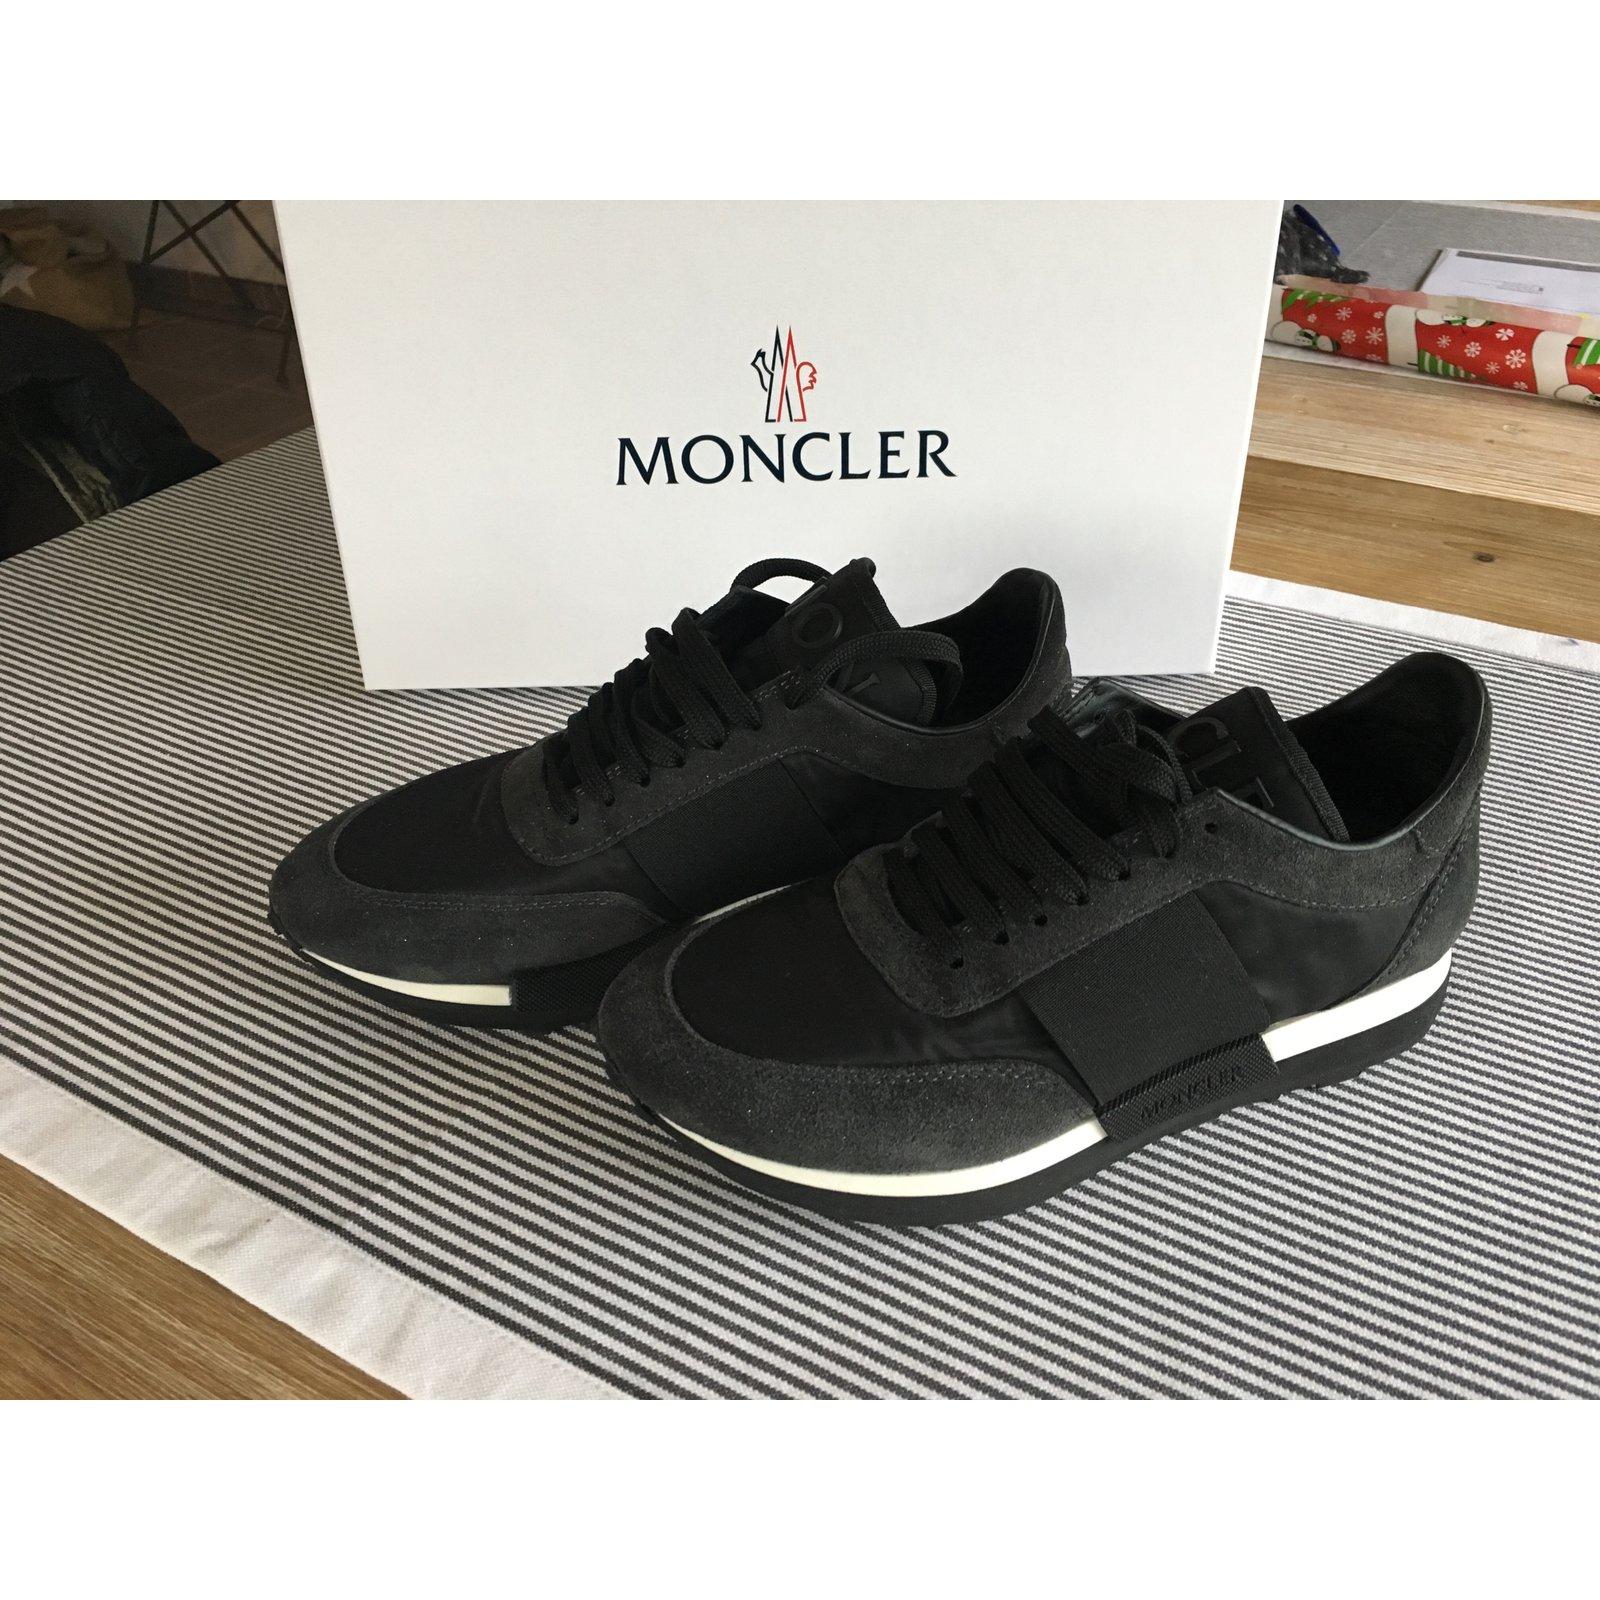 Moncler Louise Sneakers Cloth,Deerskin